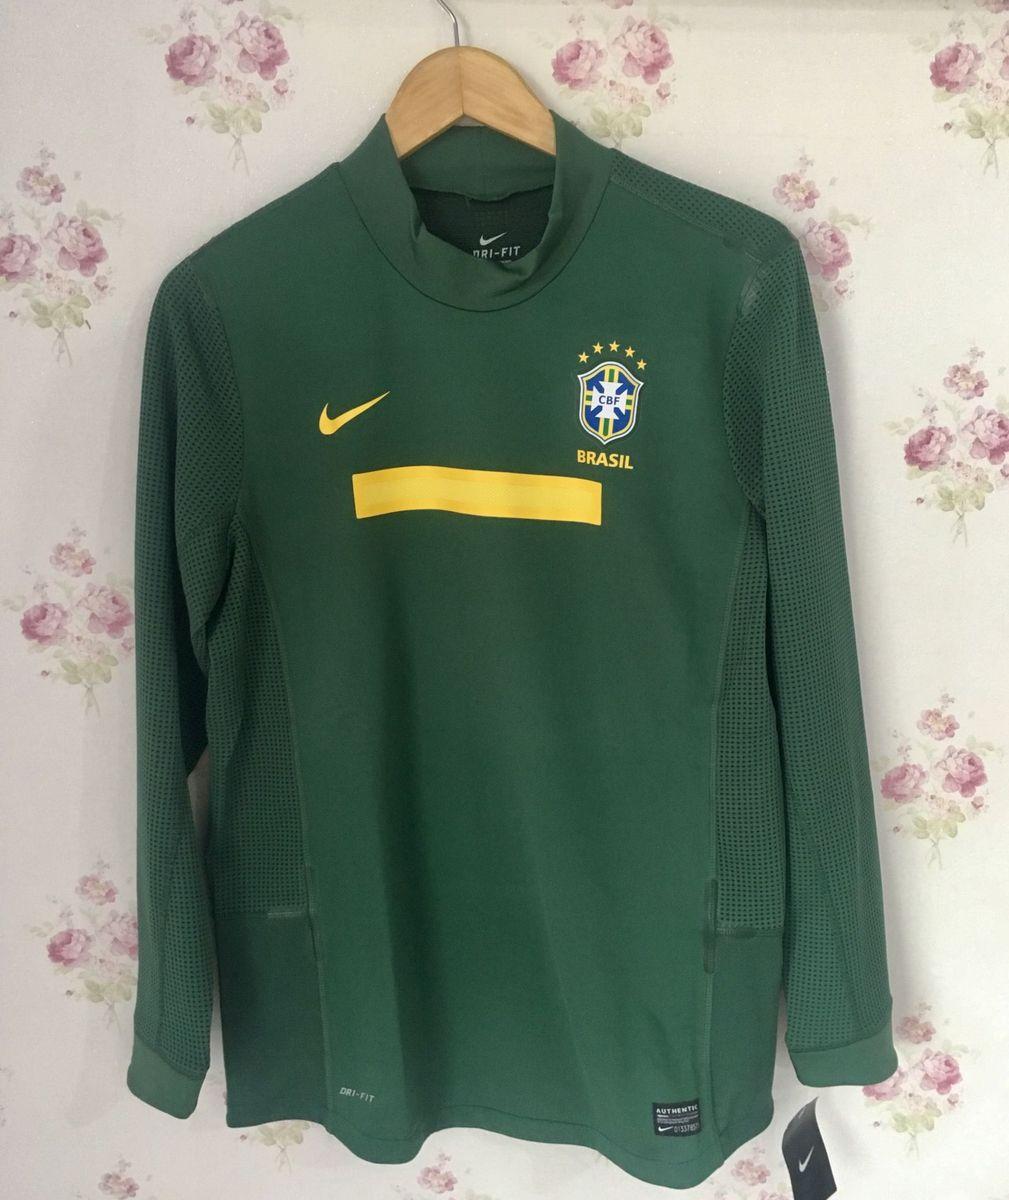 camisa manga longa seleção brasileira - esportes nike 6b7286d9ff3fe